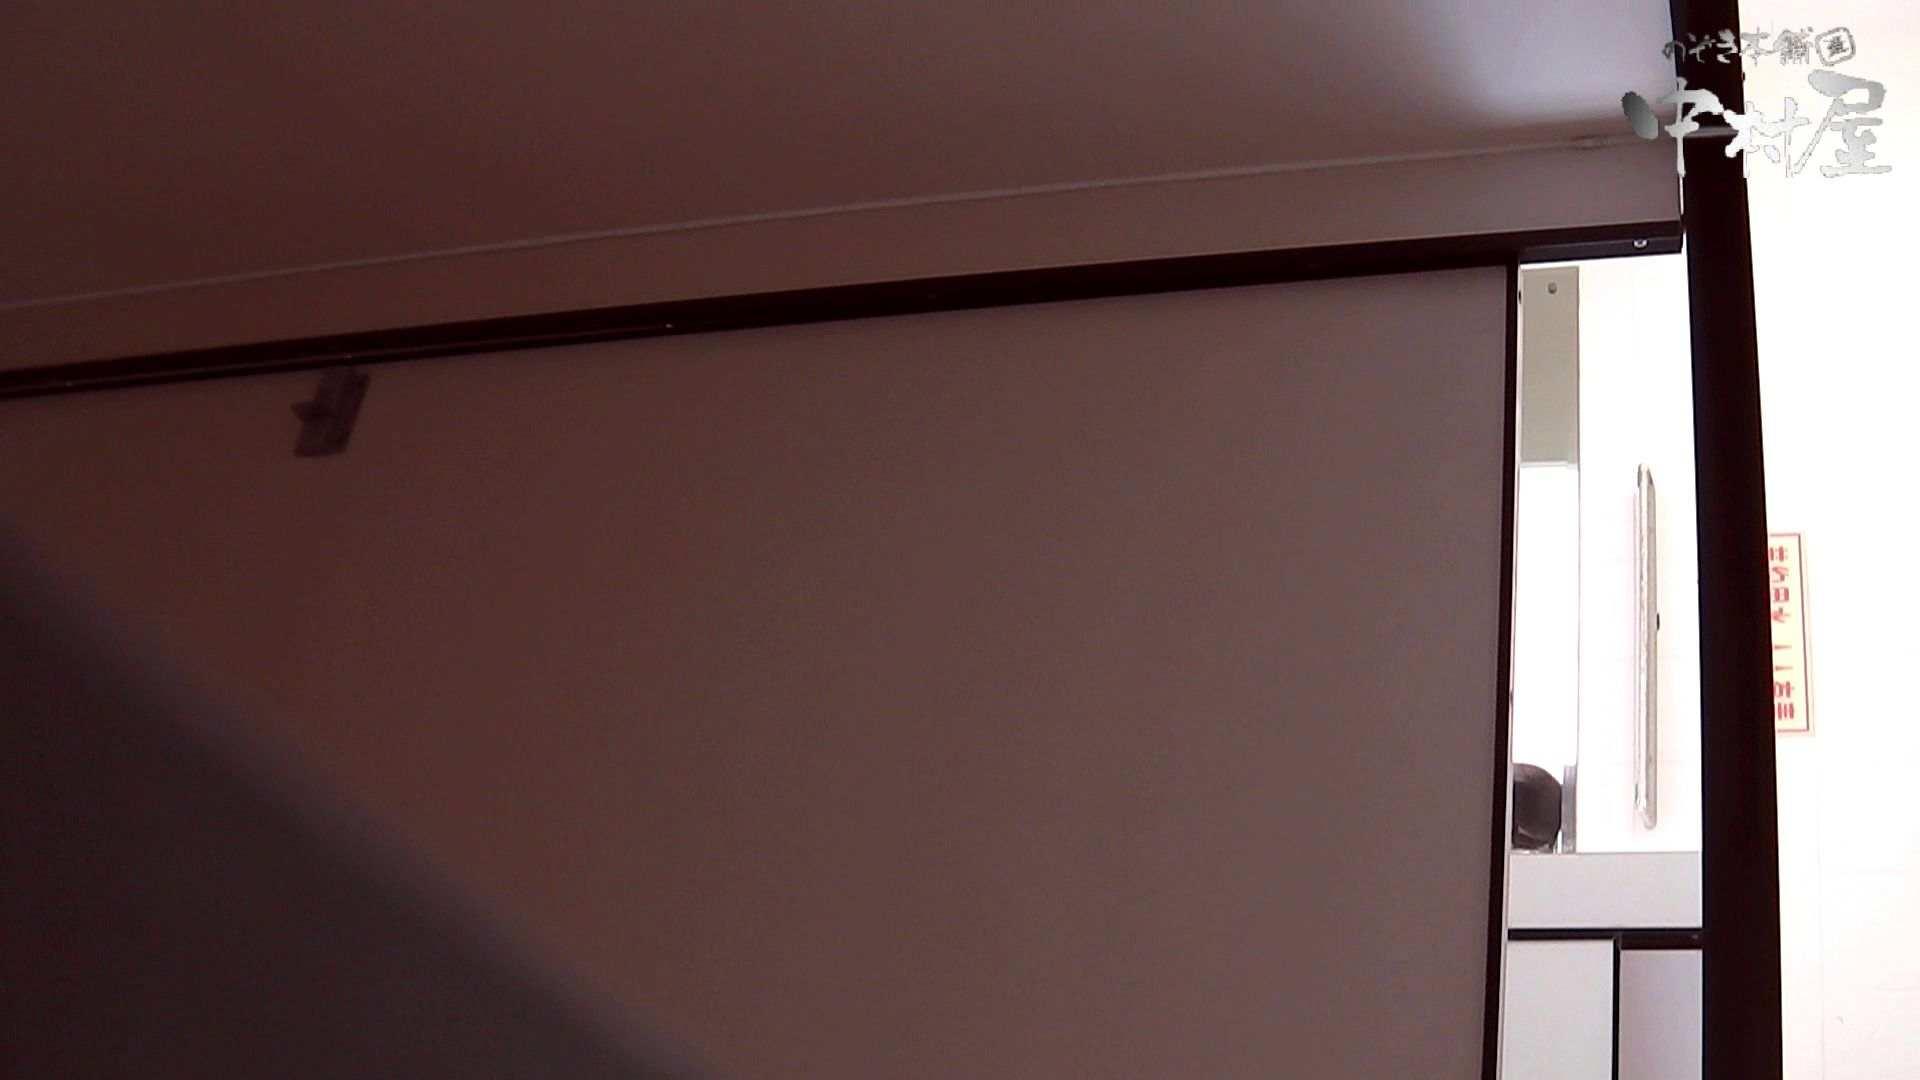 【世界の射窓から】世界の射窓から vol.5後編 美しいOLの裸体  76pic 68